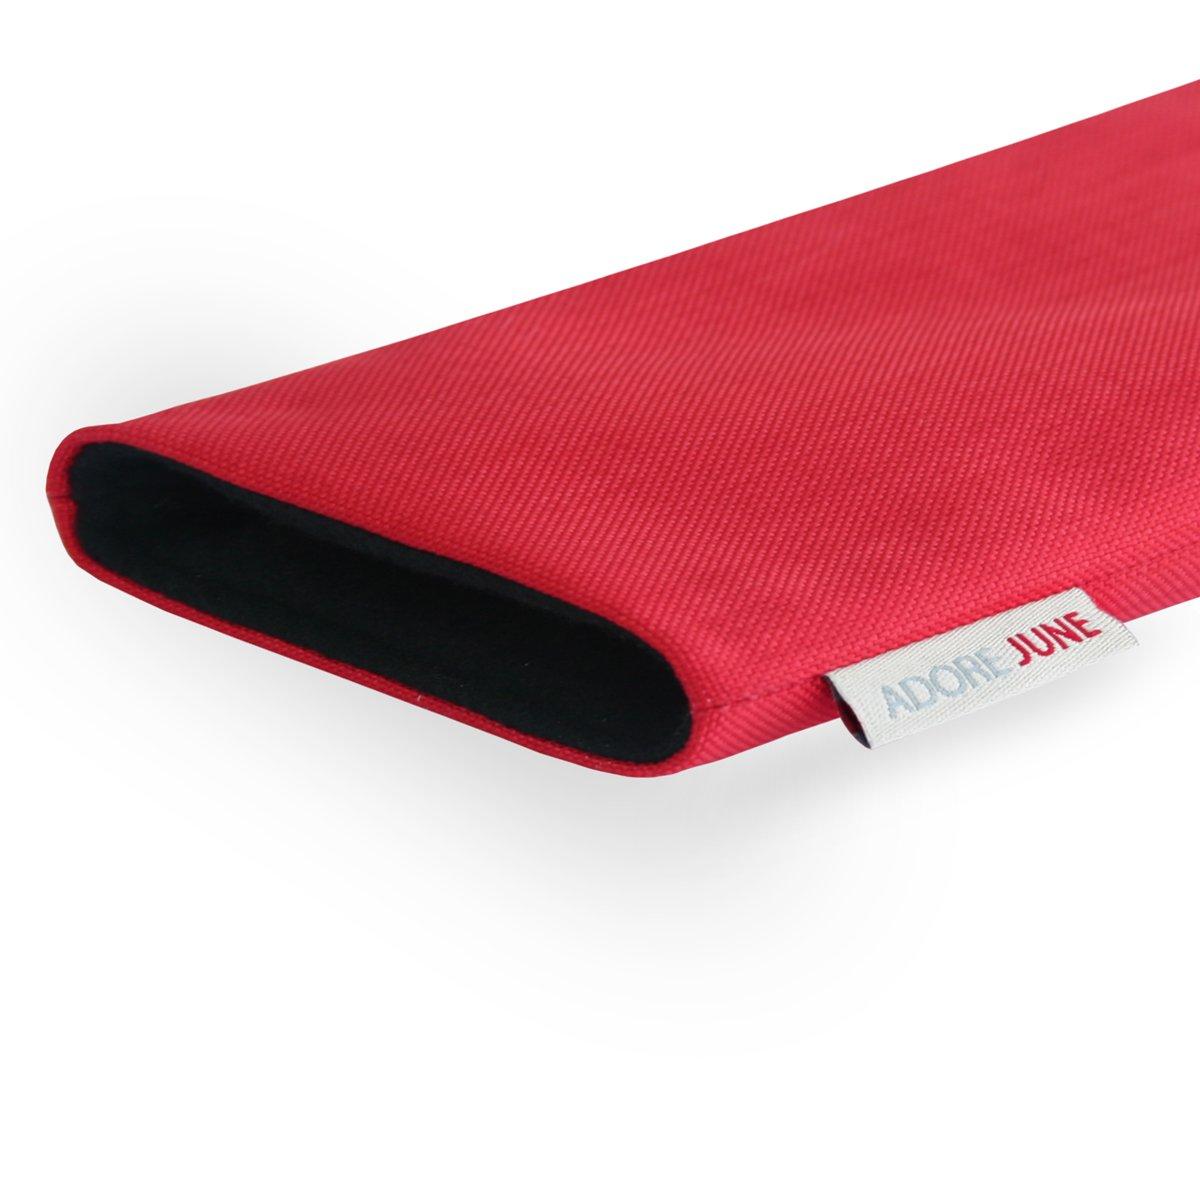 7 Plus rouge 6s Plus Adore June Classic /Étui pour Apple iPhone 6 Plus original Cordura